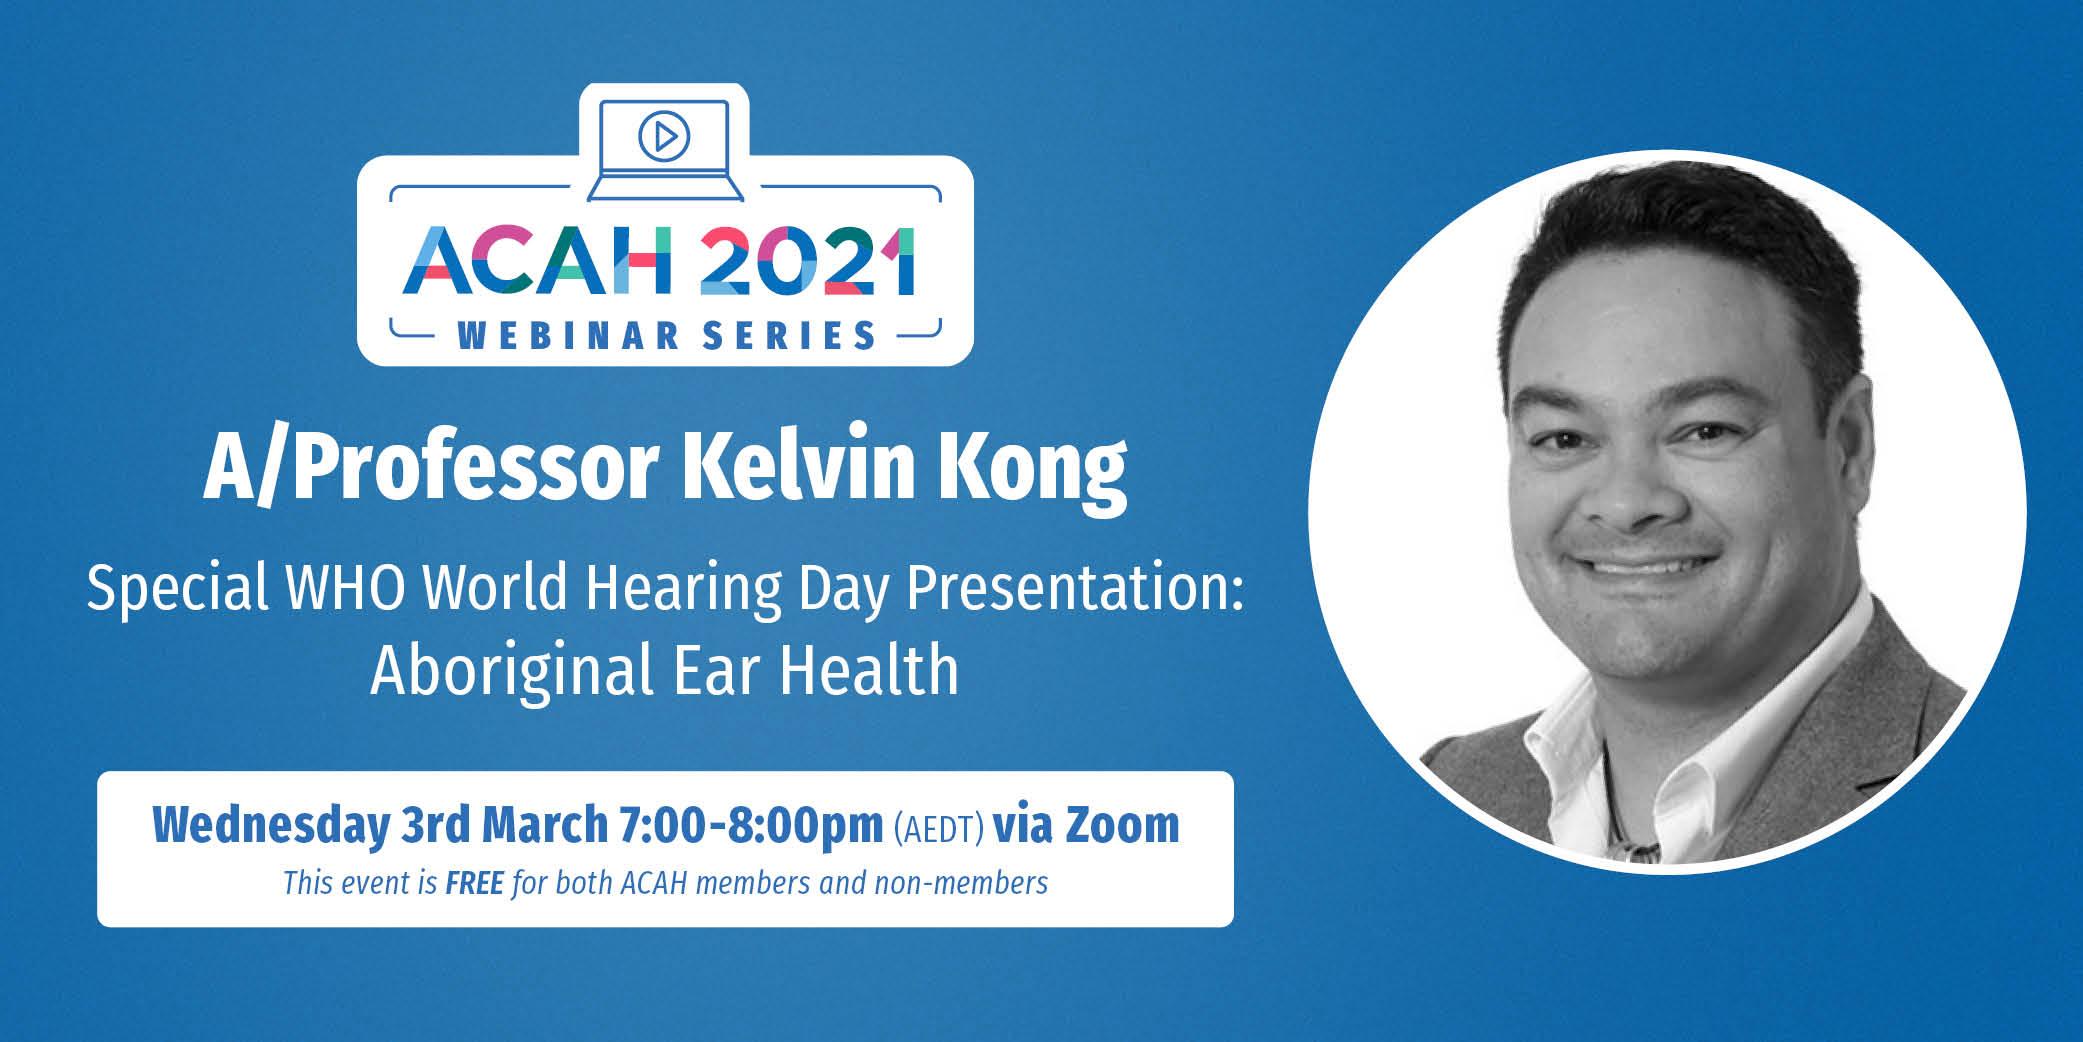 A/Professor Kelvin Kong